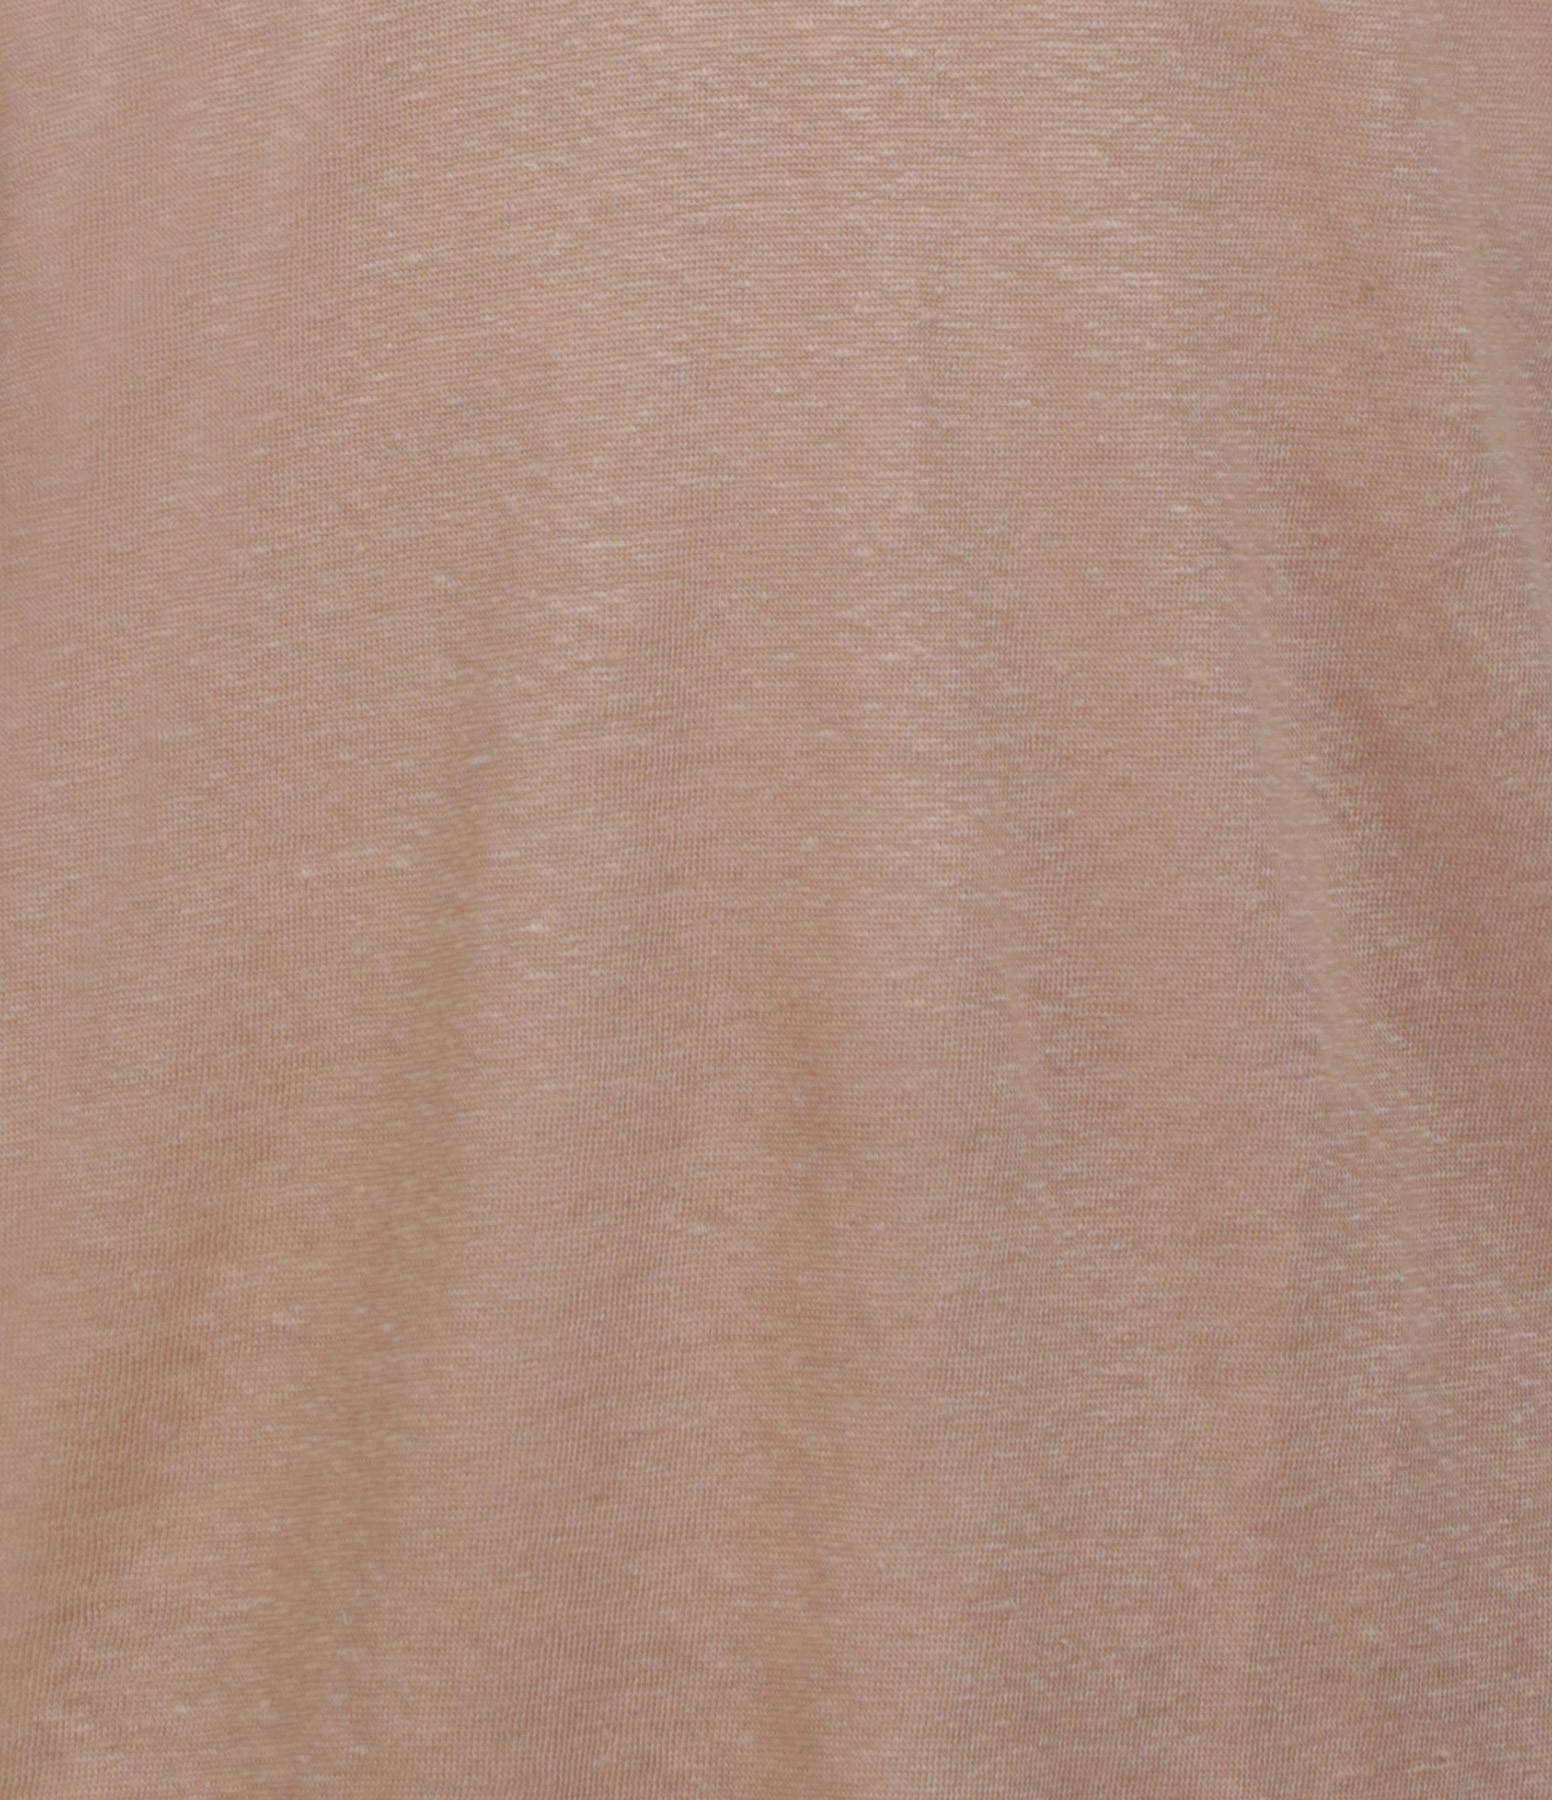 MAJESTIC FILATURES - Tee-shirt  Dos Décolleté Lin Ficelle